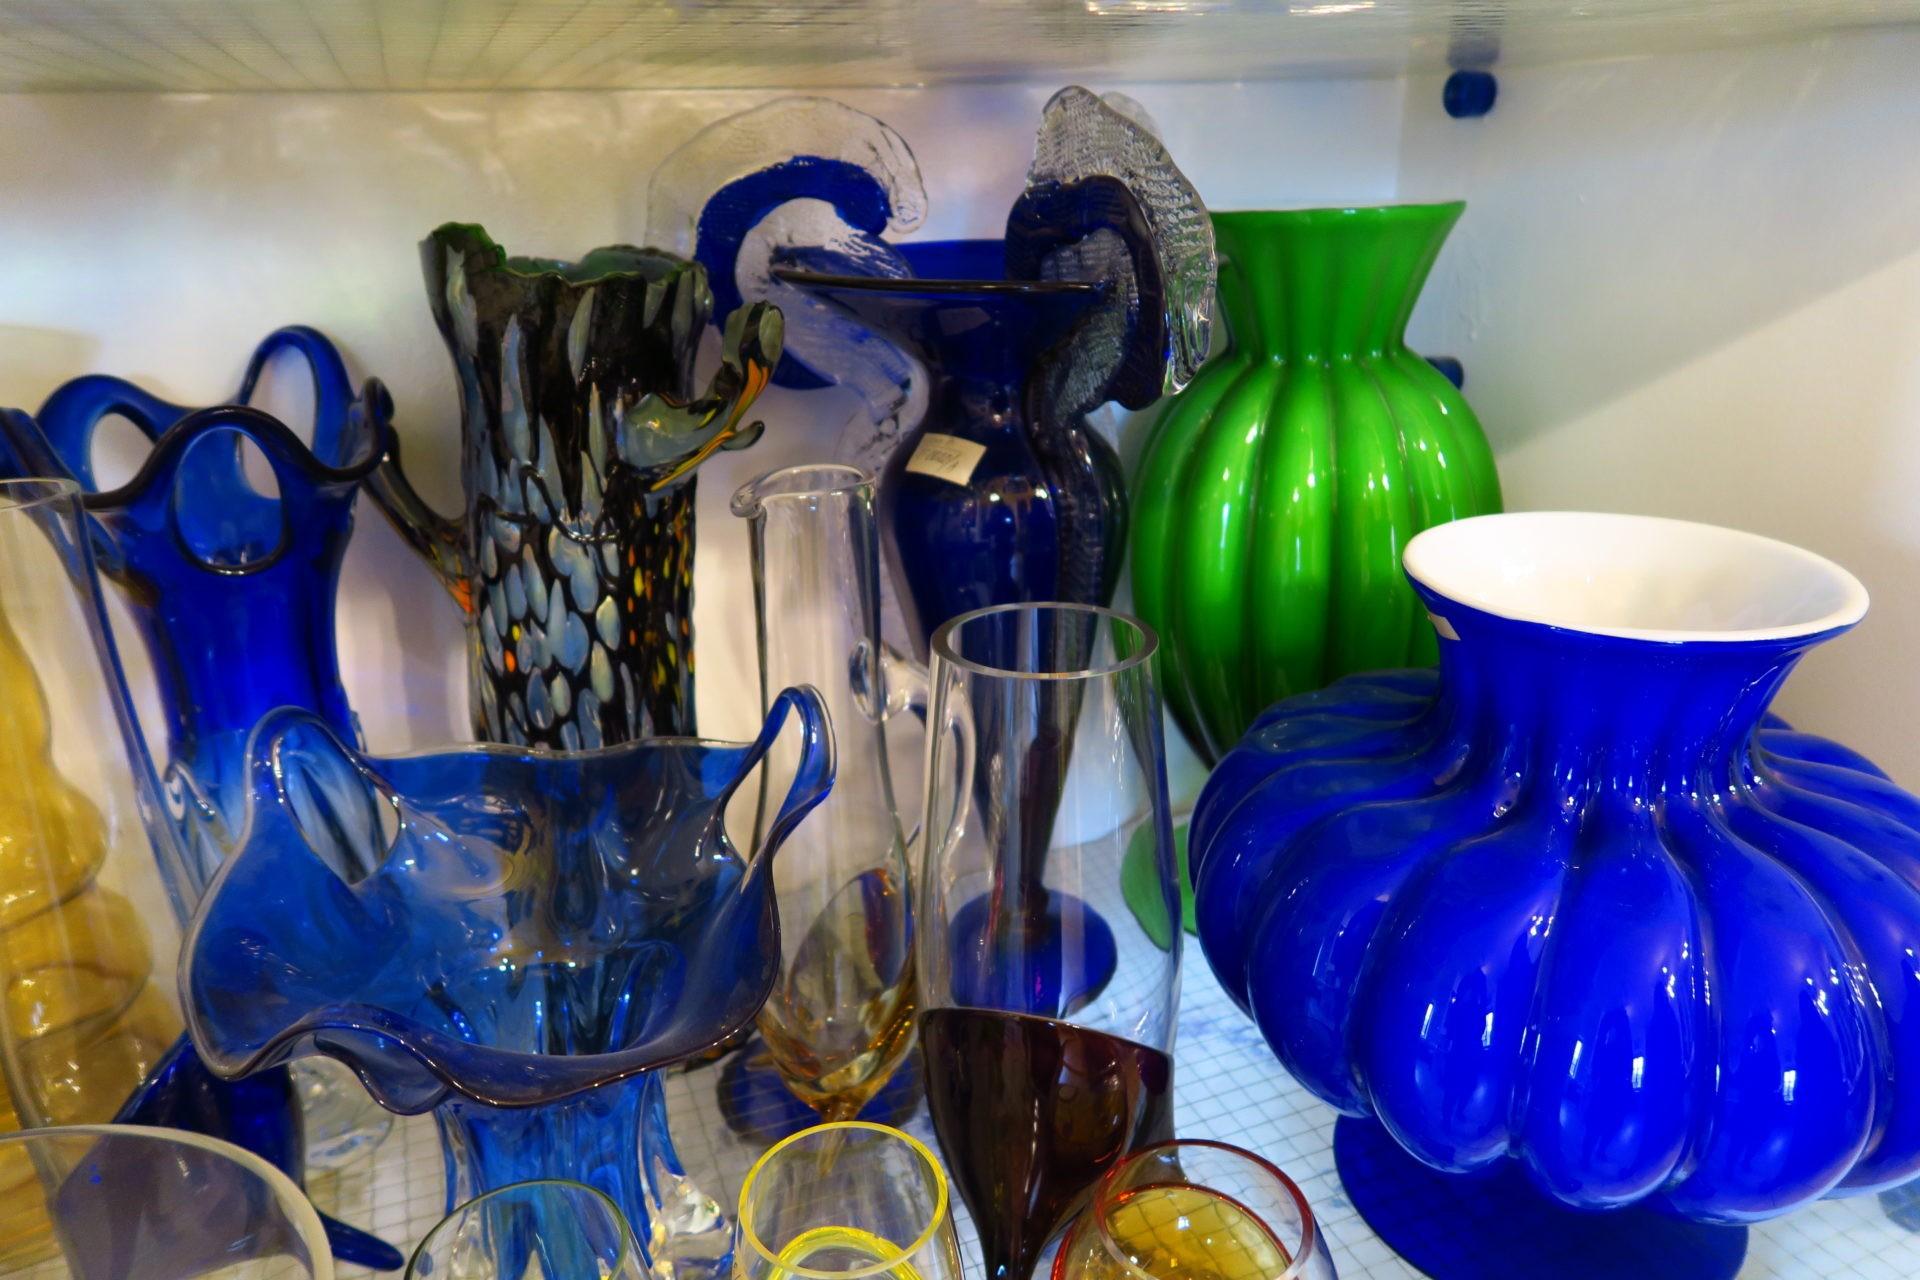 Na výrobu pestrobarevných váz zfoukaného skla jsou třeba střepy nejvyšší kvality – hlavní primární surovinou jsou křemičité písky.